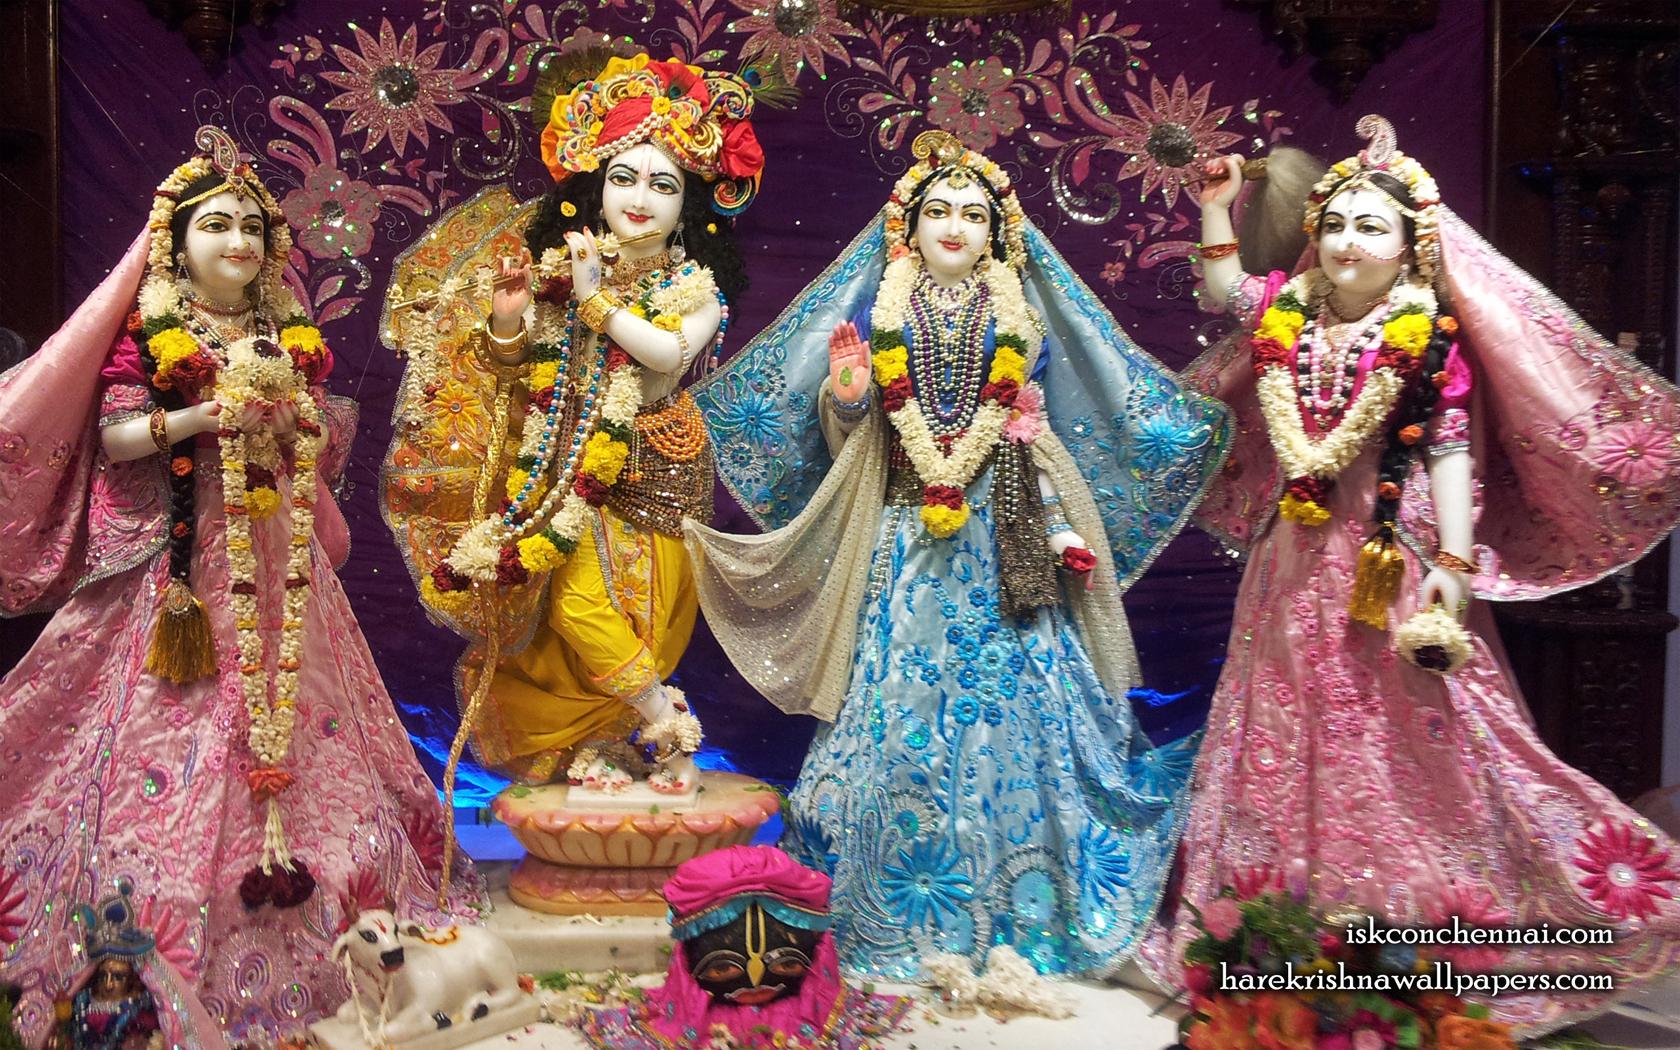 Sri Sri Radha Krishna Lalita Vishakha Wallpaper (002) Size 1680x1050 Download